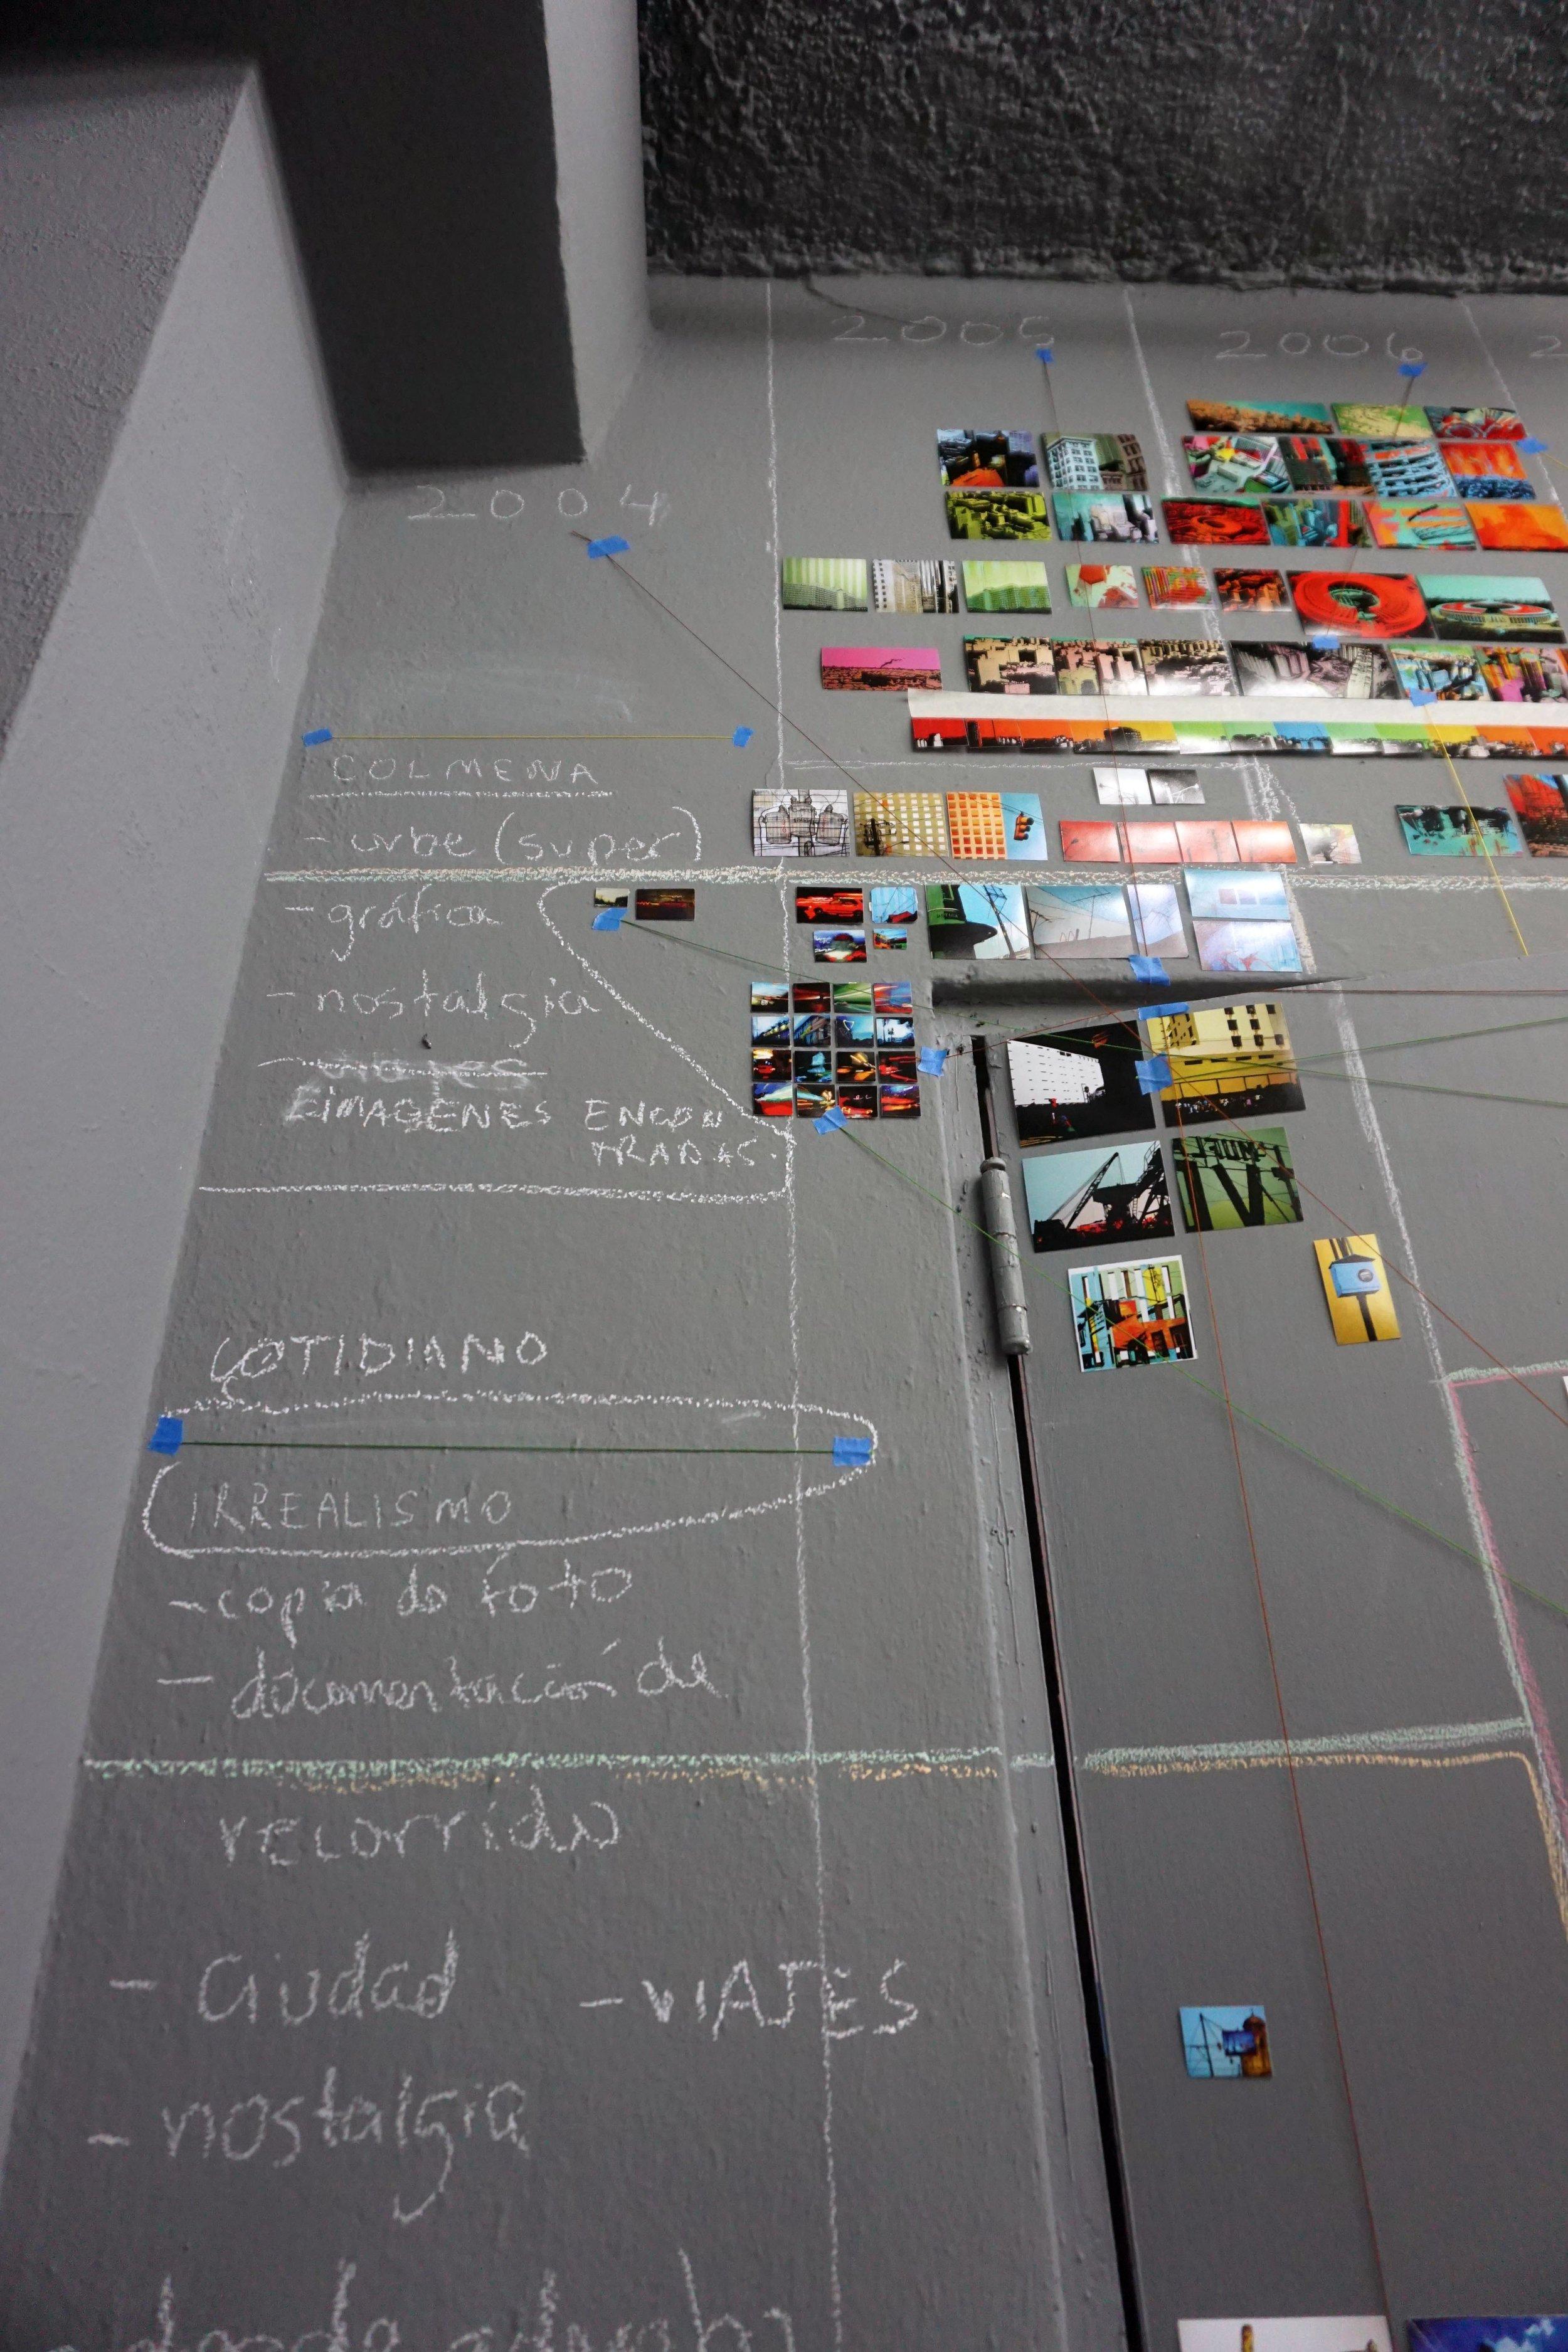 Metadata (detalle). serie: Desde adentro, columna 2004